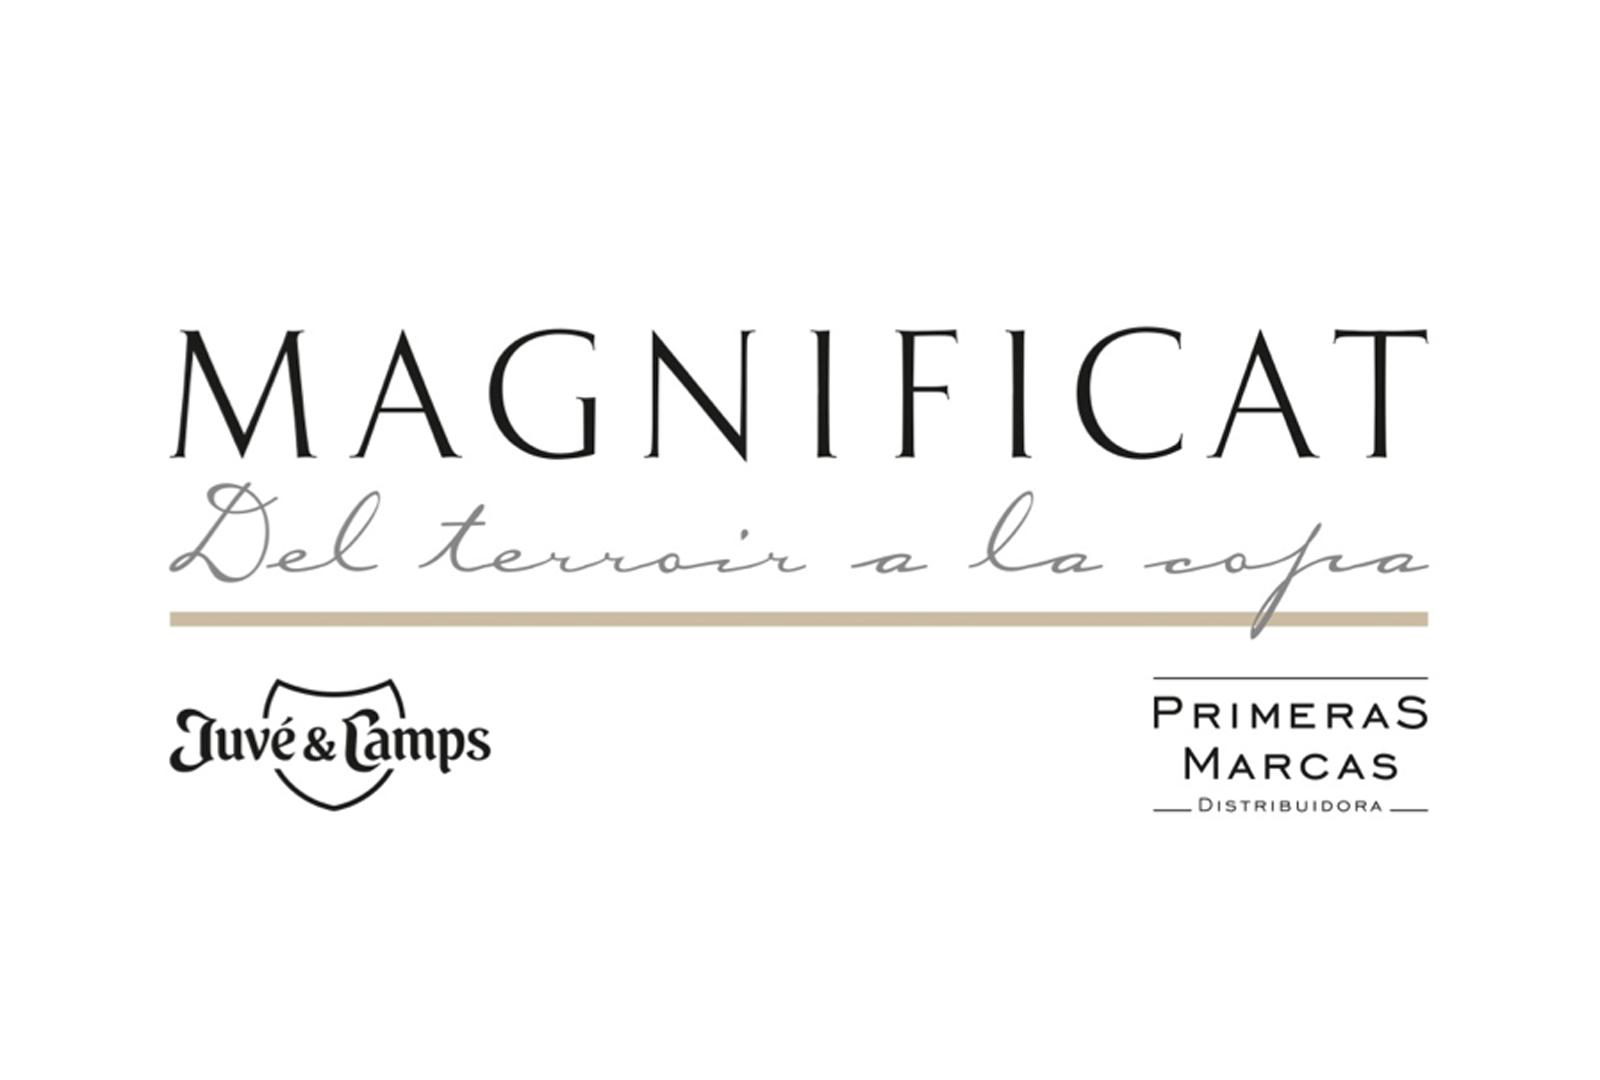 MAGNIFICAT reunira grandes figuras internacionales del vino y destilados.